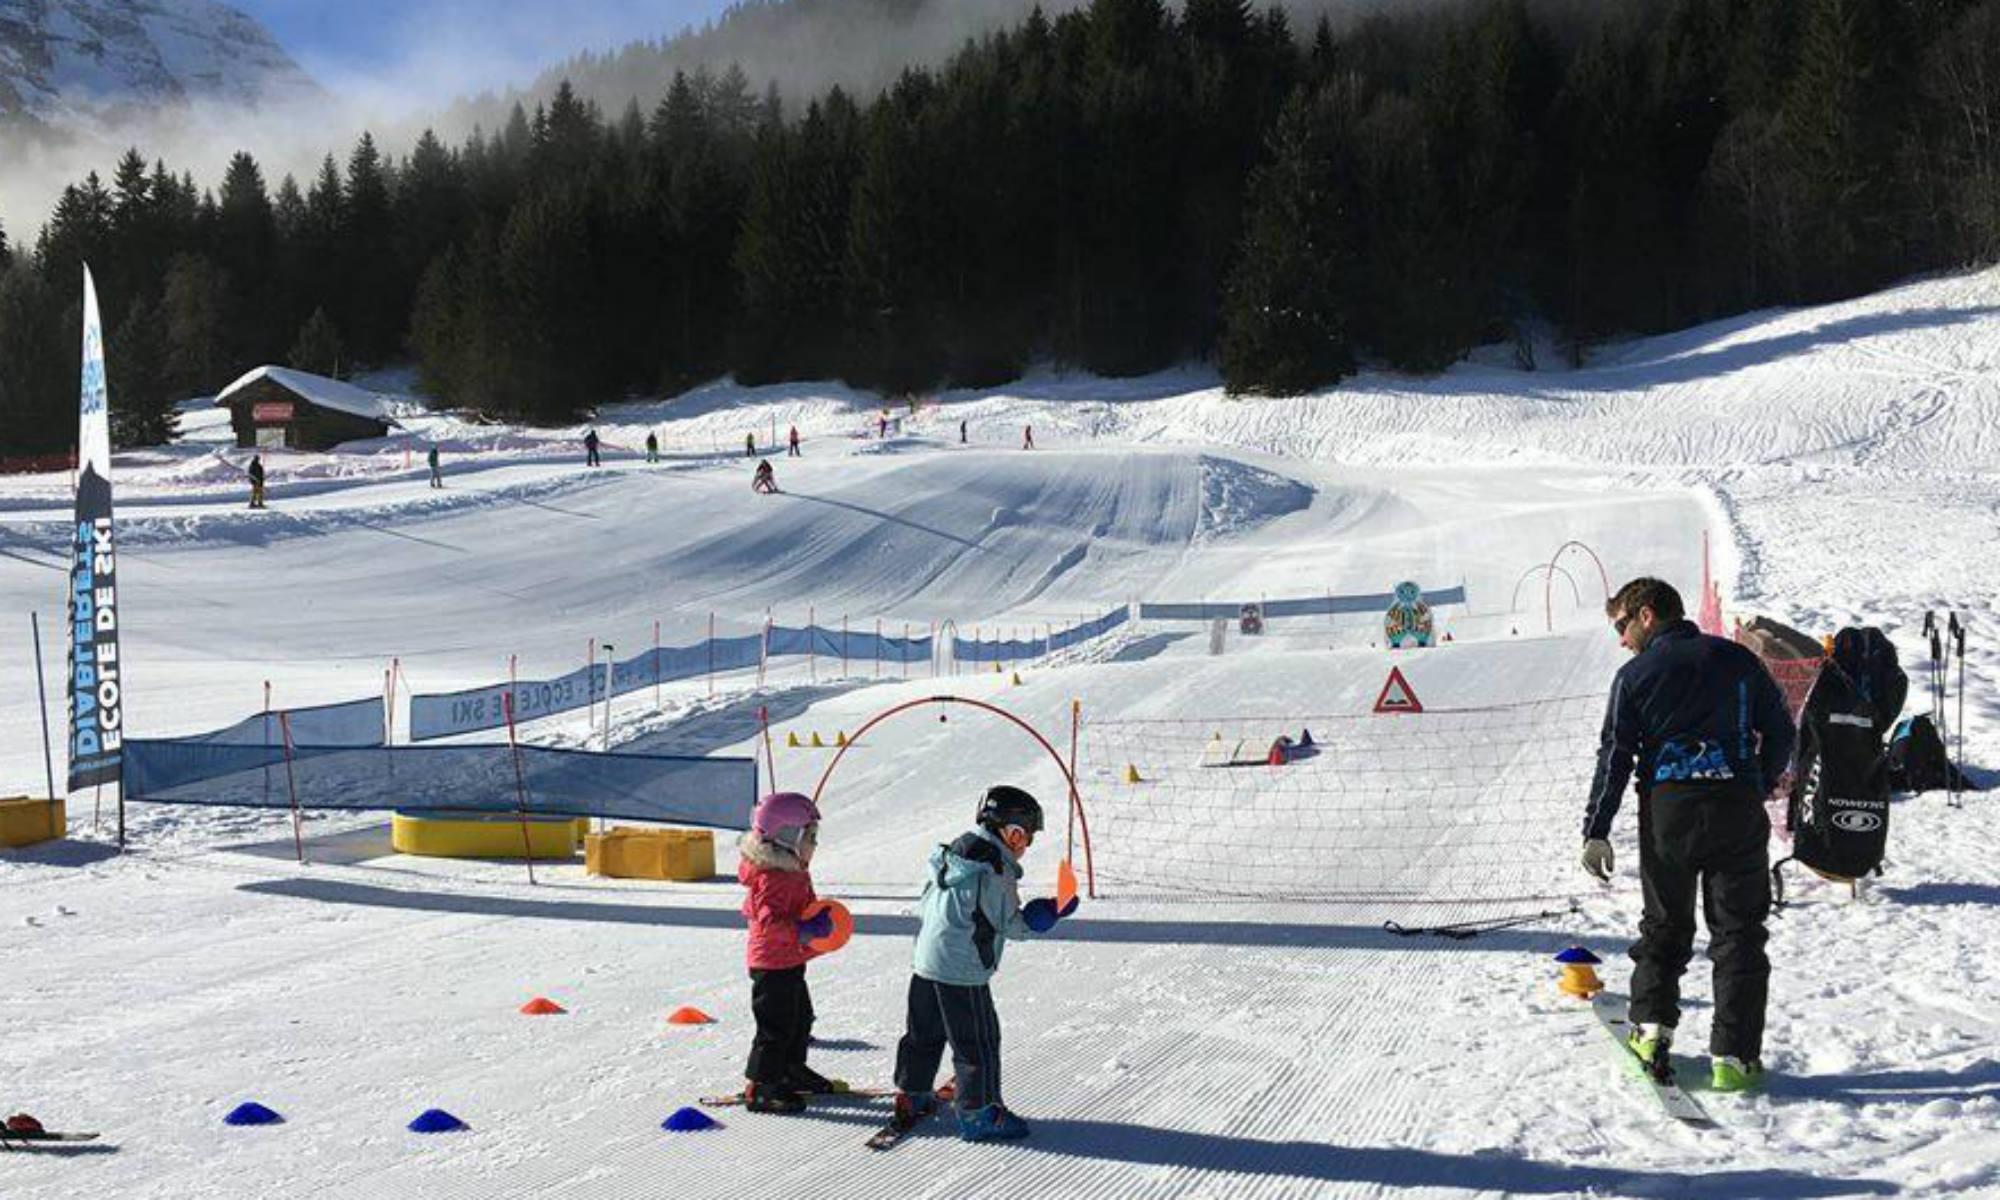 Ein Skilehrer gibt 2 Kindern Skiunterricht im Kinderland von Les Diablerets.